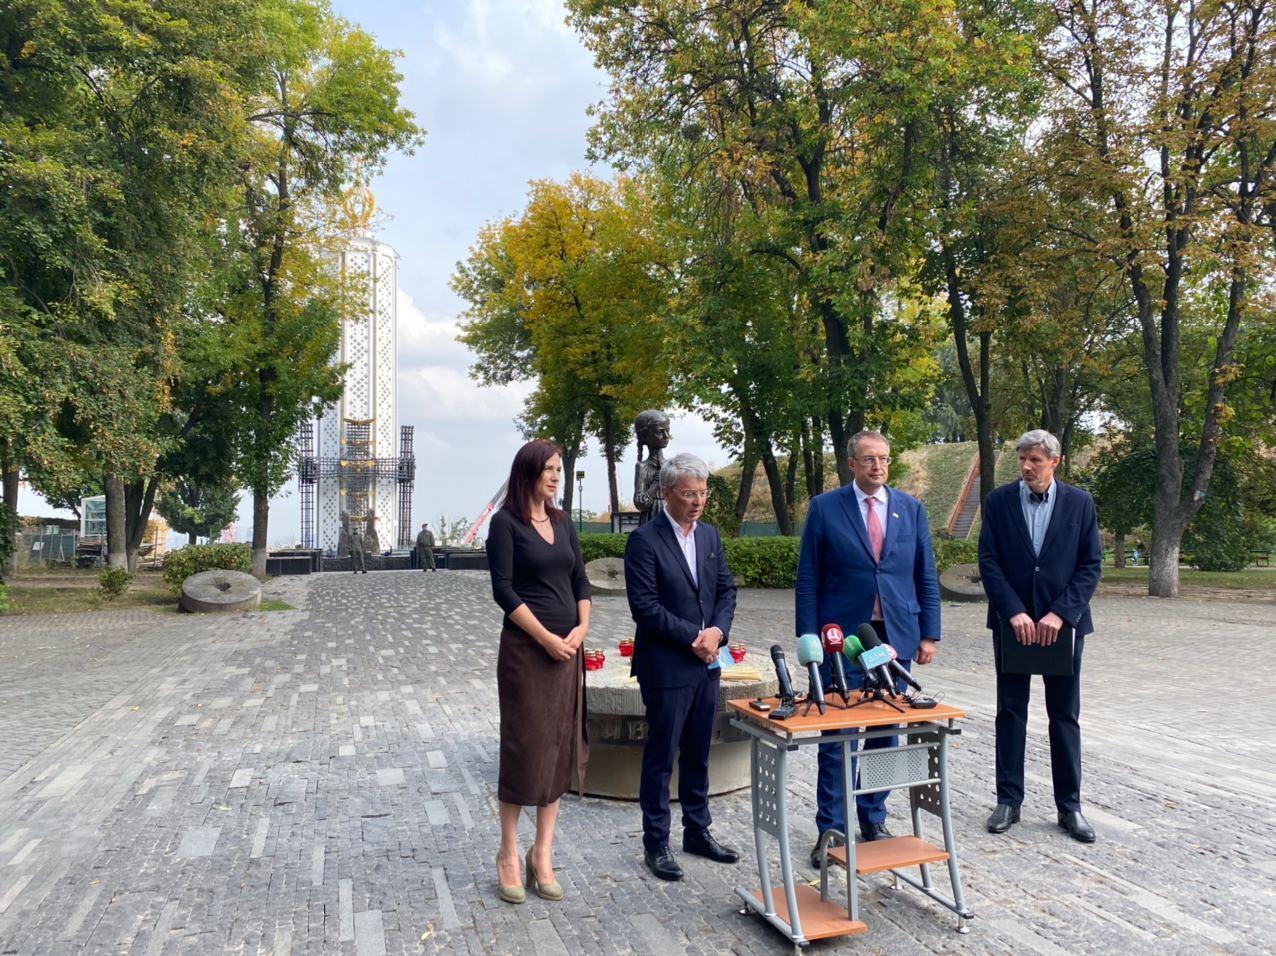 На церемонии были министр культуры и директор музея .